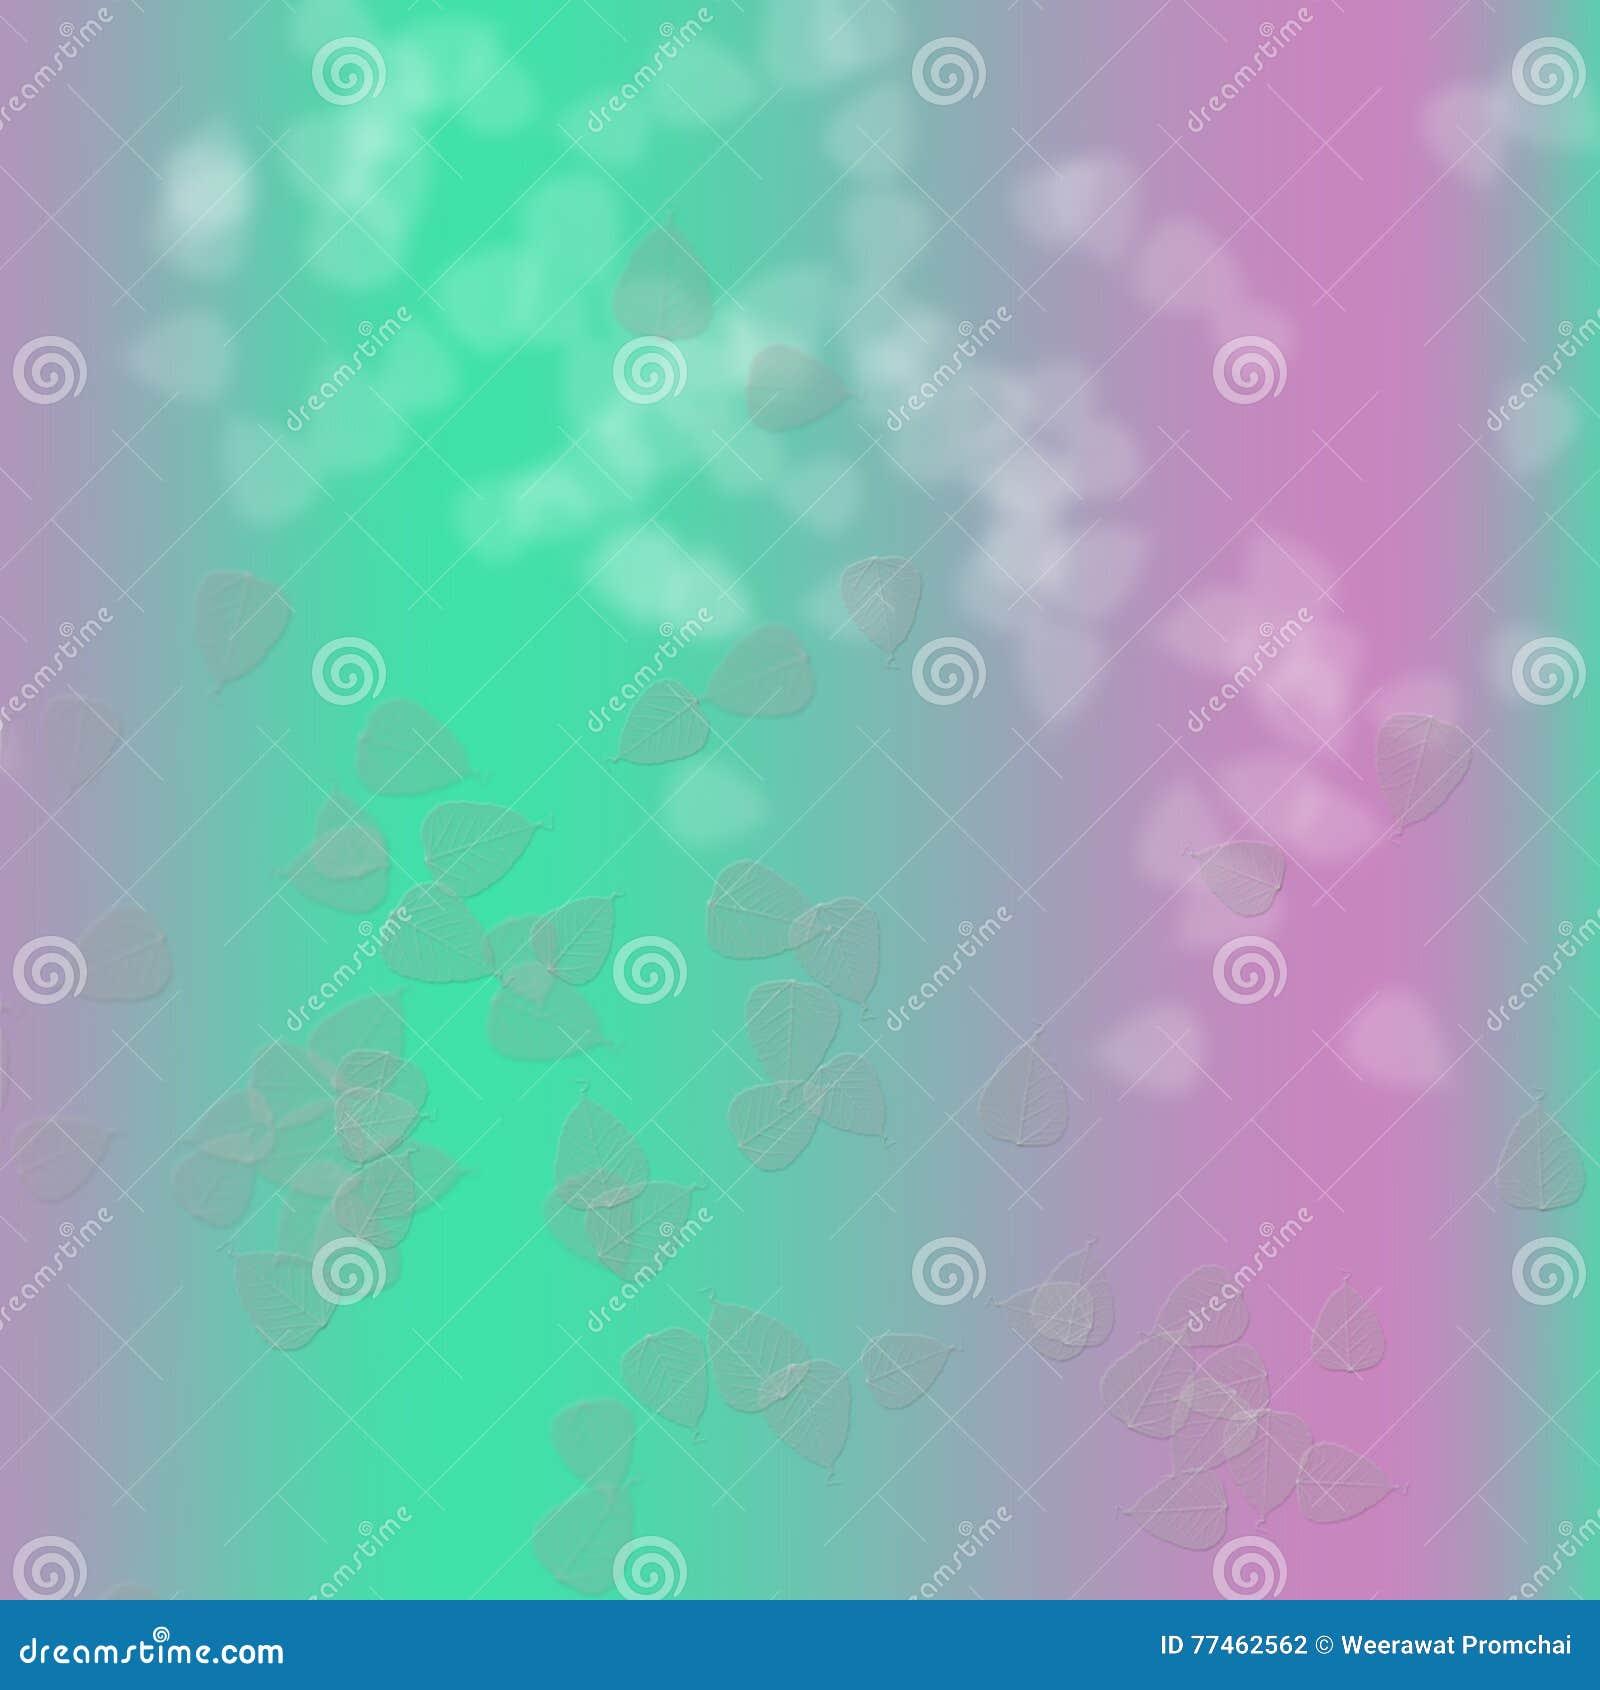 Rosa e verde nel fondo astratto